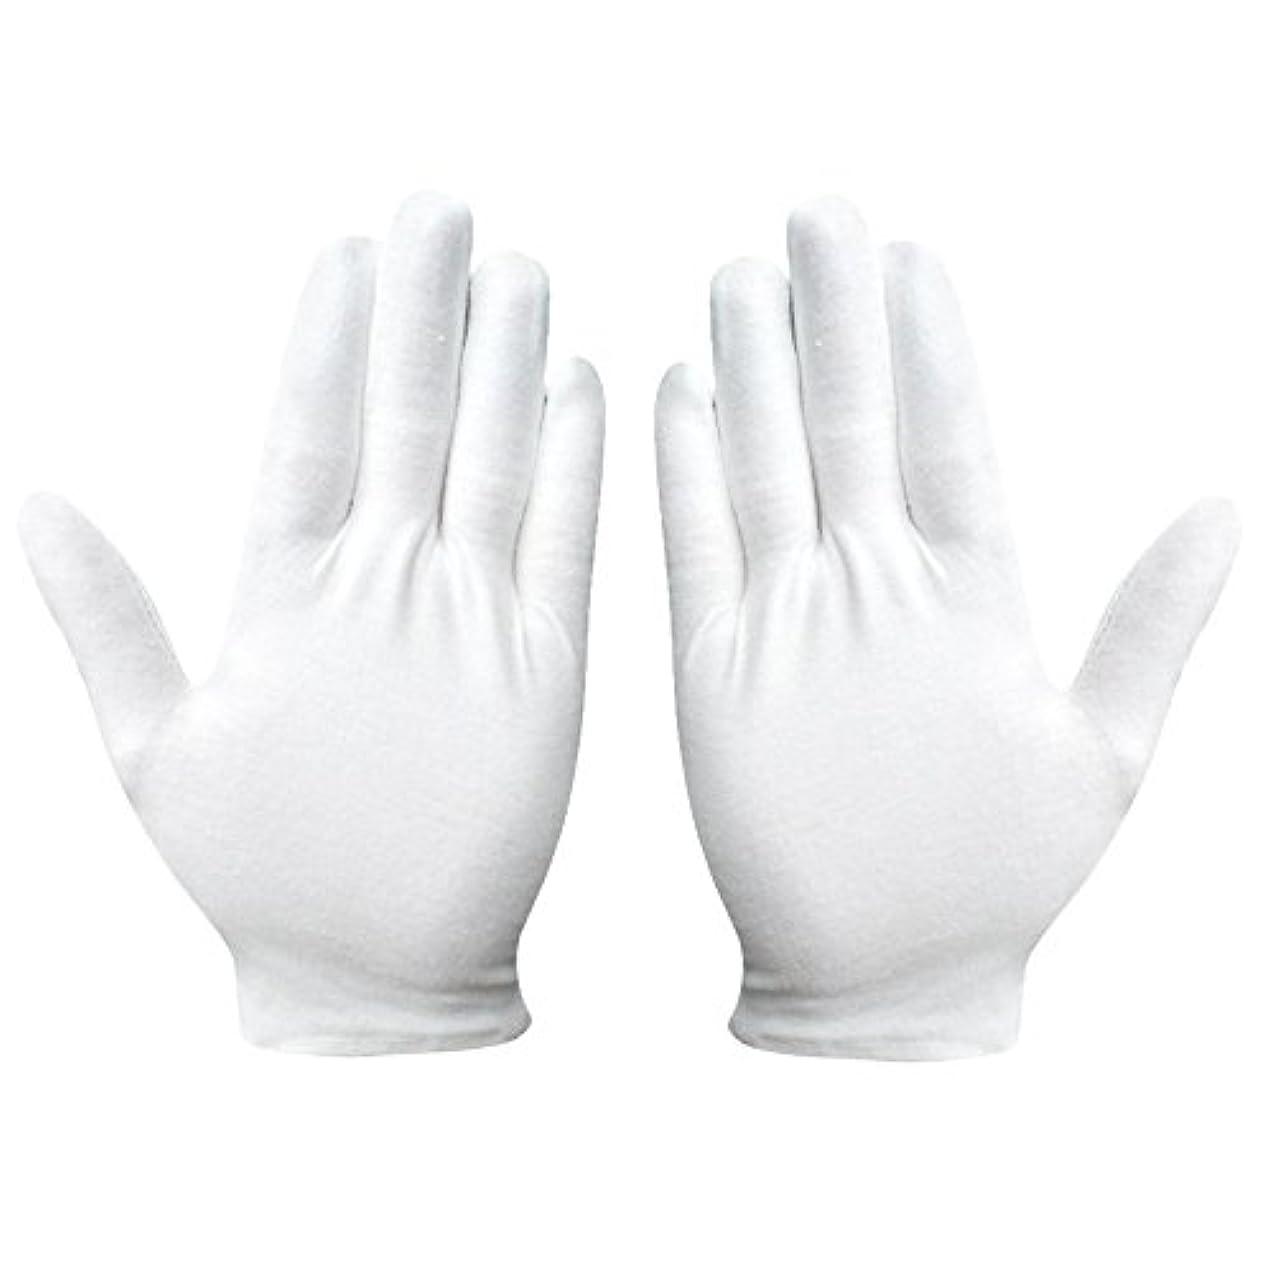 バット場所終了する綿手袋 純綿 コットン手袋 白手袋 薄手 通気性 手荒れ予防 【湿疹用 乾燥肌用 保湿用 礼装用】12双組